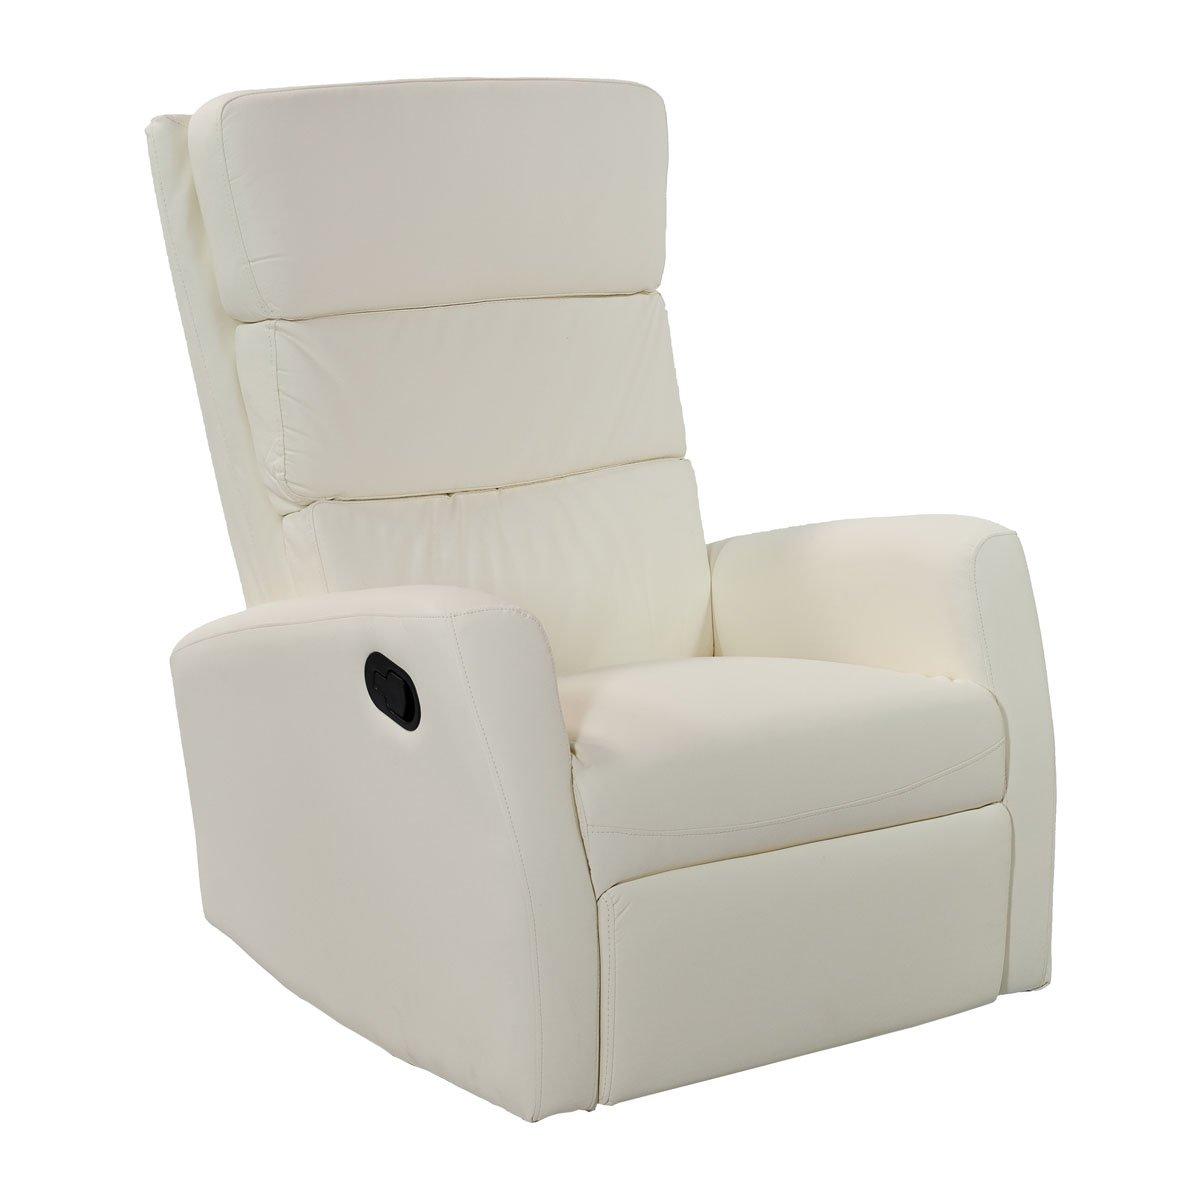 poltrone-italia Sillón relax reclinable balancín y giratorio ...